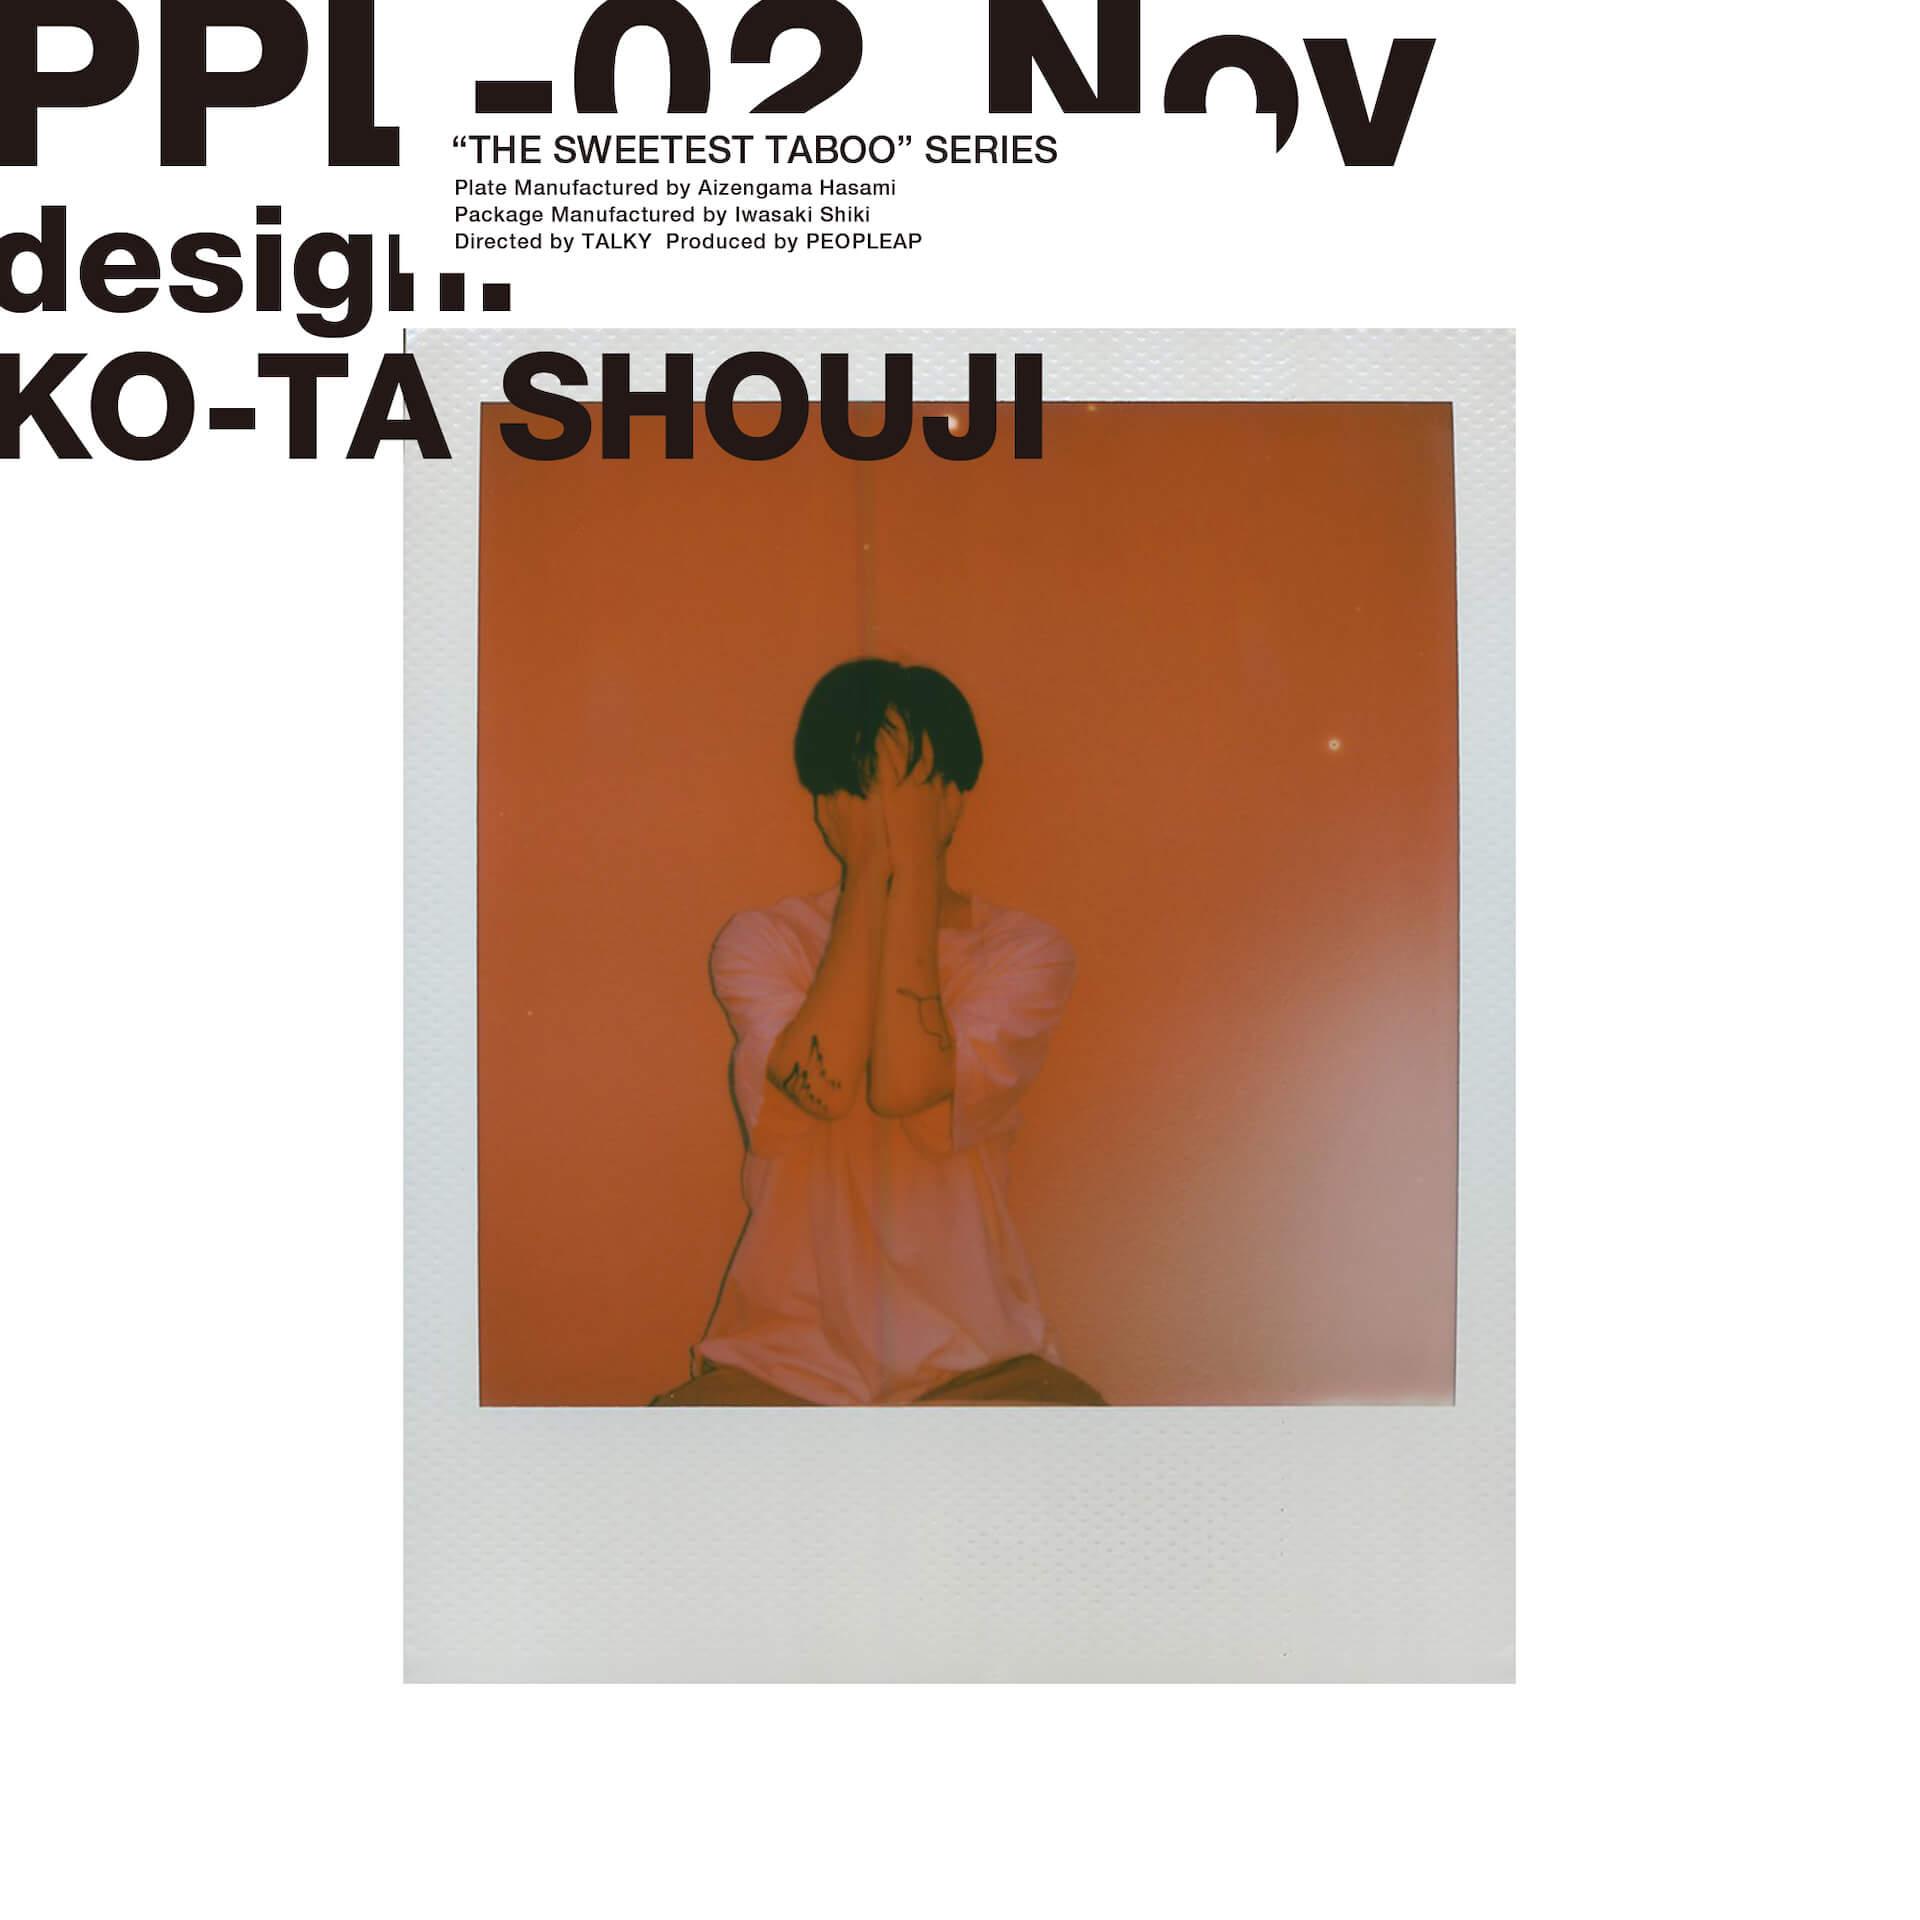 インタビュー:PEOPLEAP『THE SWEETEST TABOO』シリーズ Vol.4 KO-TA SHOJI/WASHIO TOMOYUKI interview211013_peopleap_1